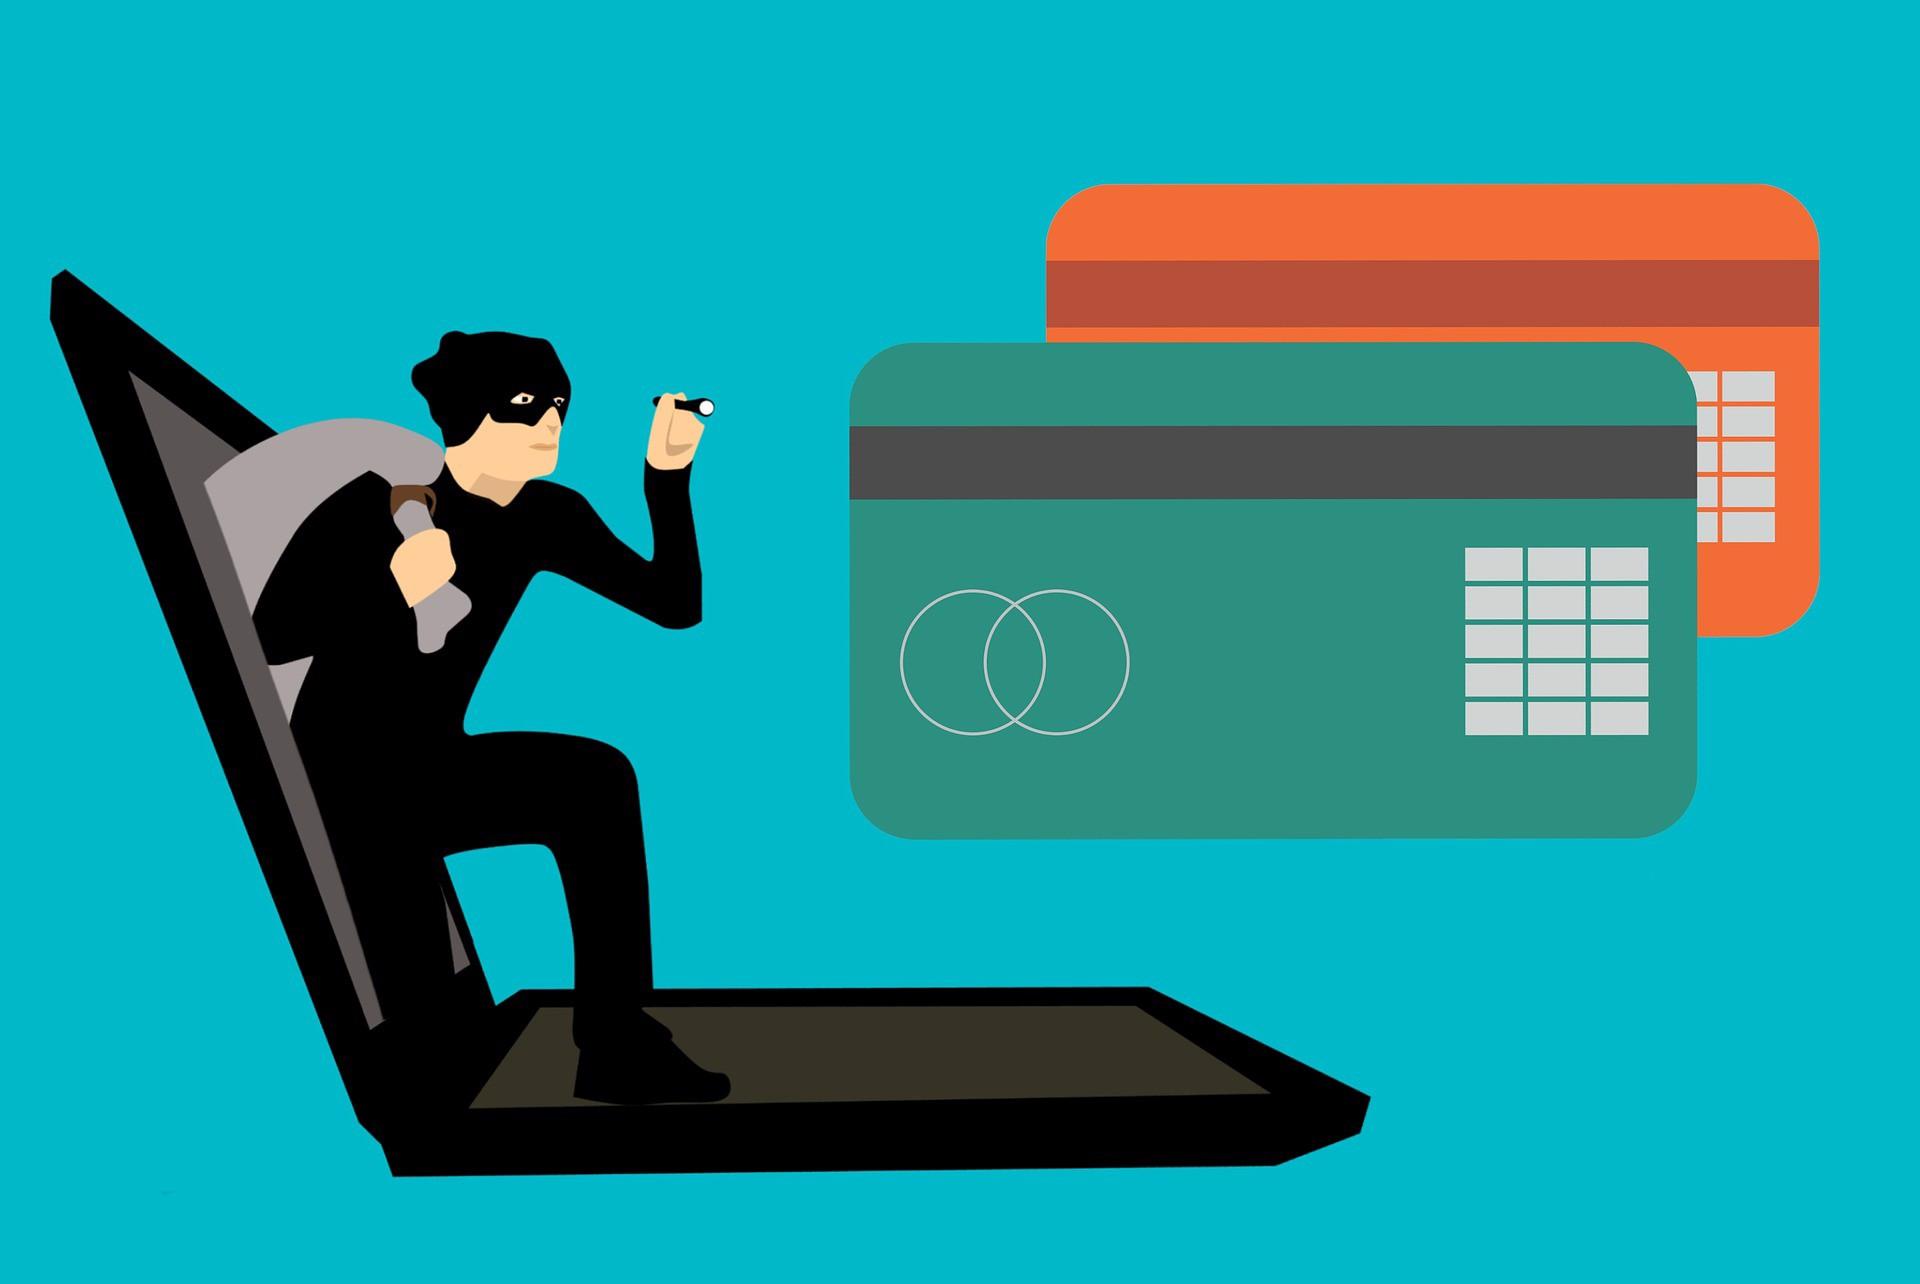 Report: Zahl der Phishing-Attacken steigt unvermindert